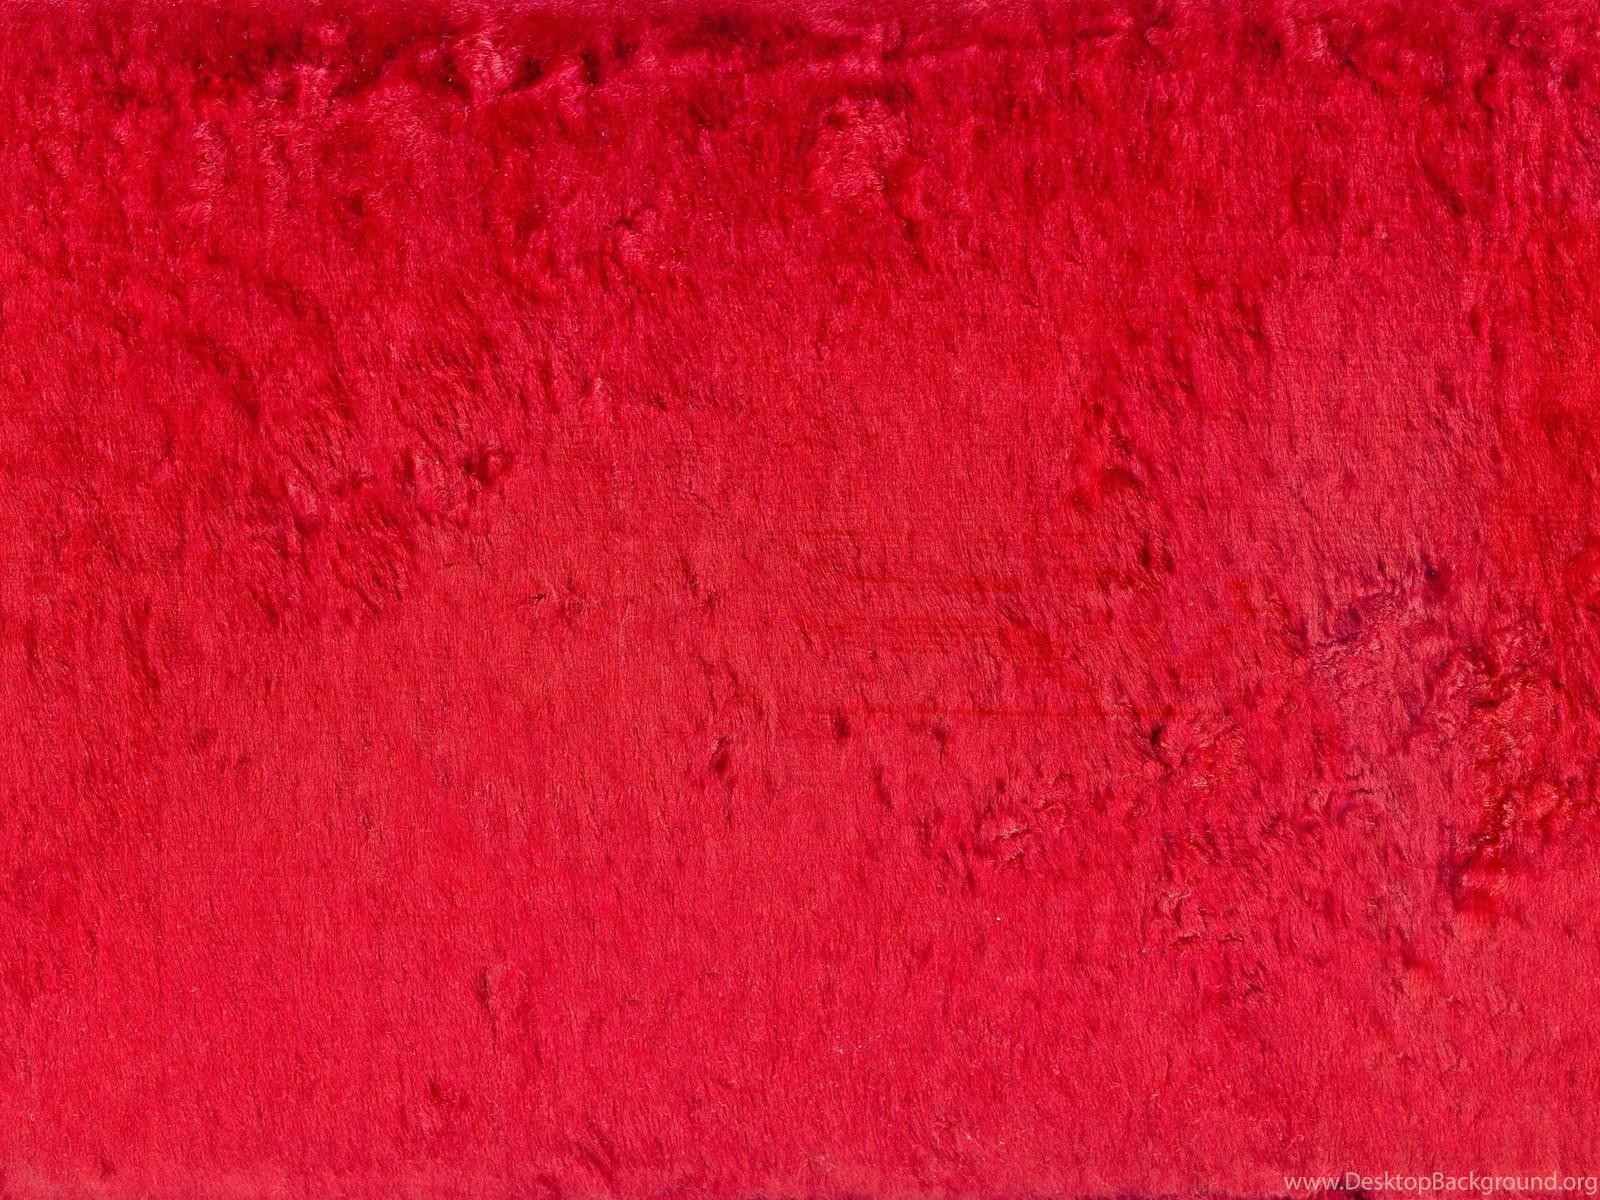 Download Texture Red Velvet Backgrounds Texture Red Velvet